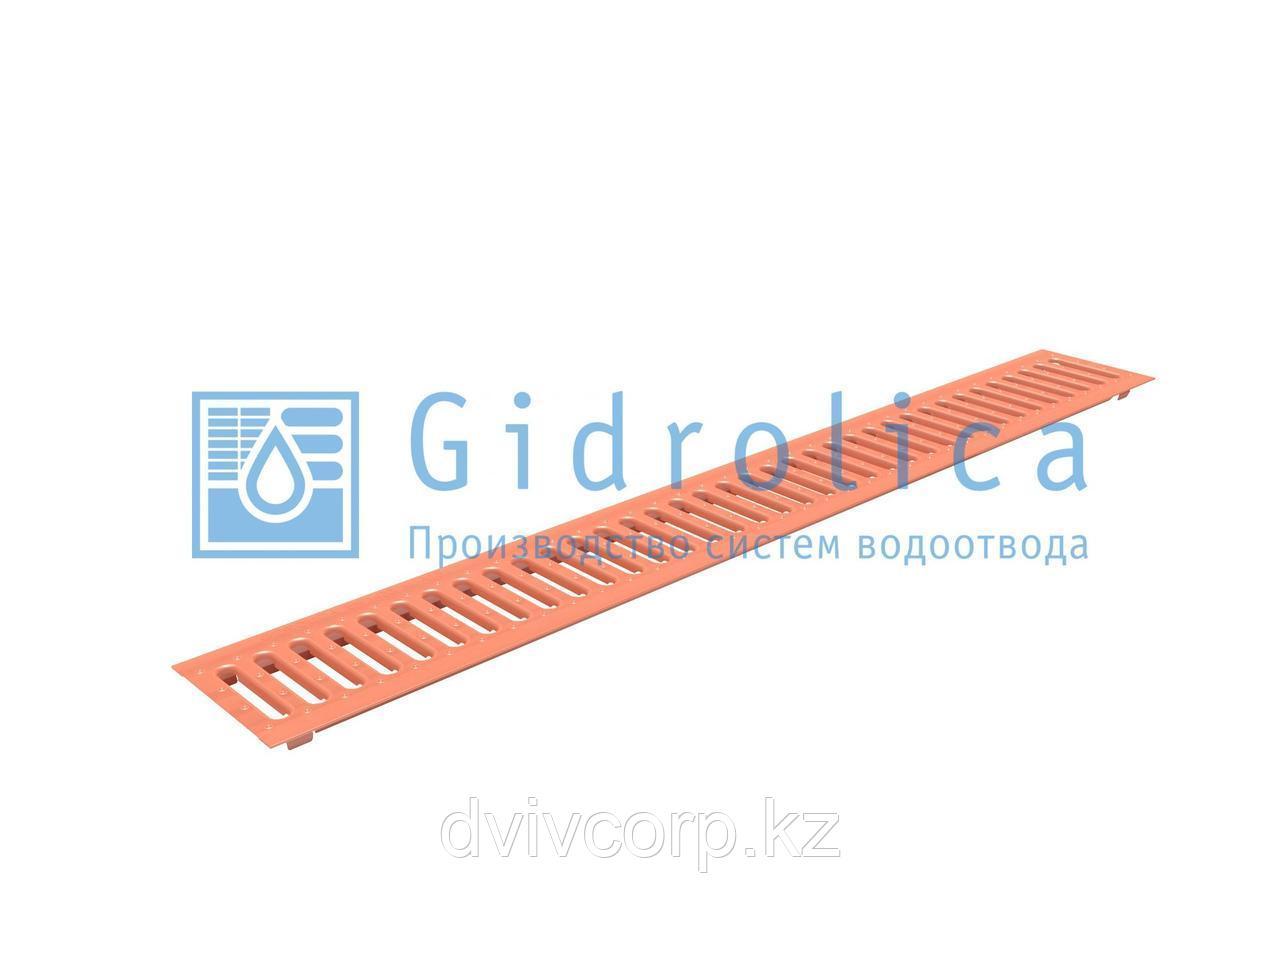 Арт. 502 Решетка водоприемная Gidrolica Standart РВ -10.13,6.100 - штампованная медная, кл. А15